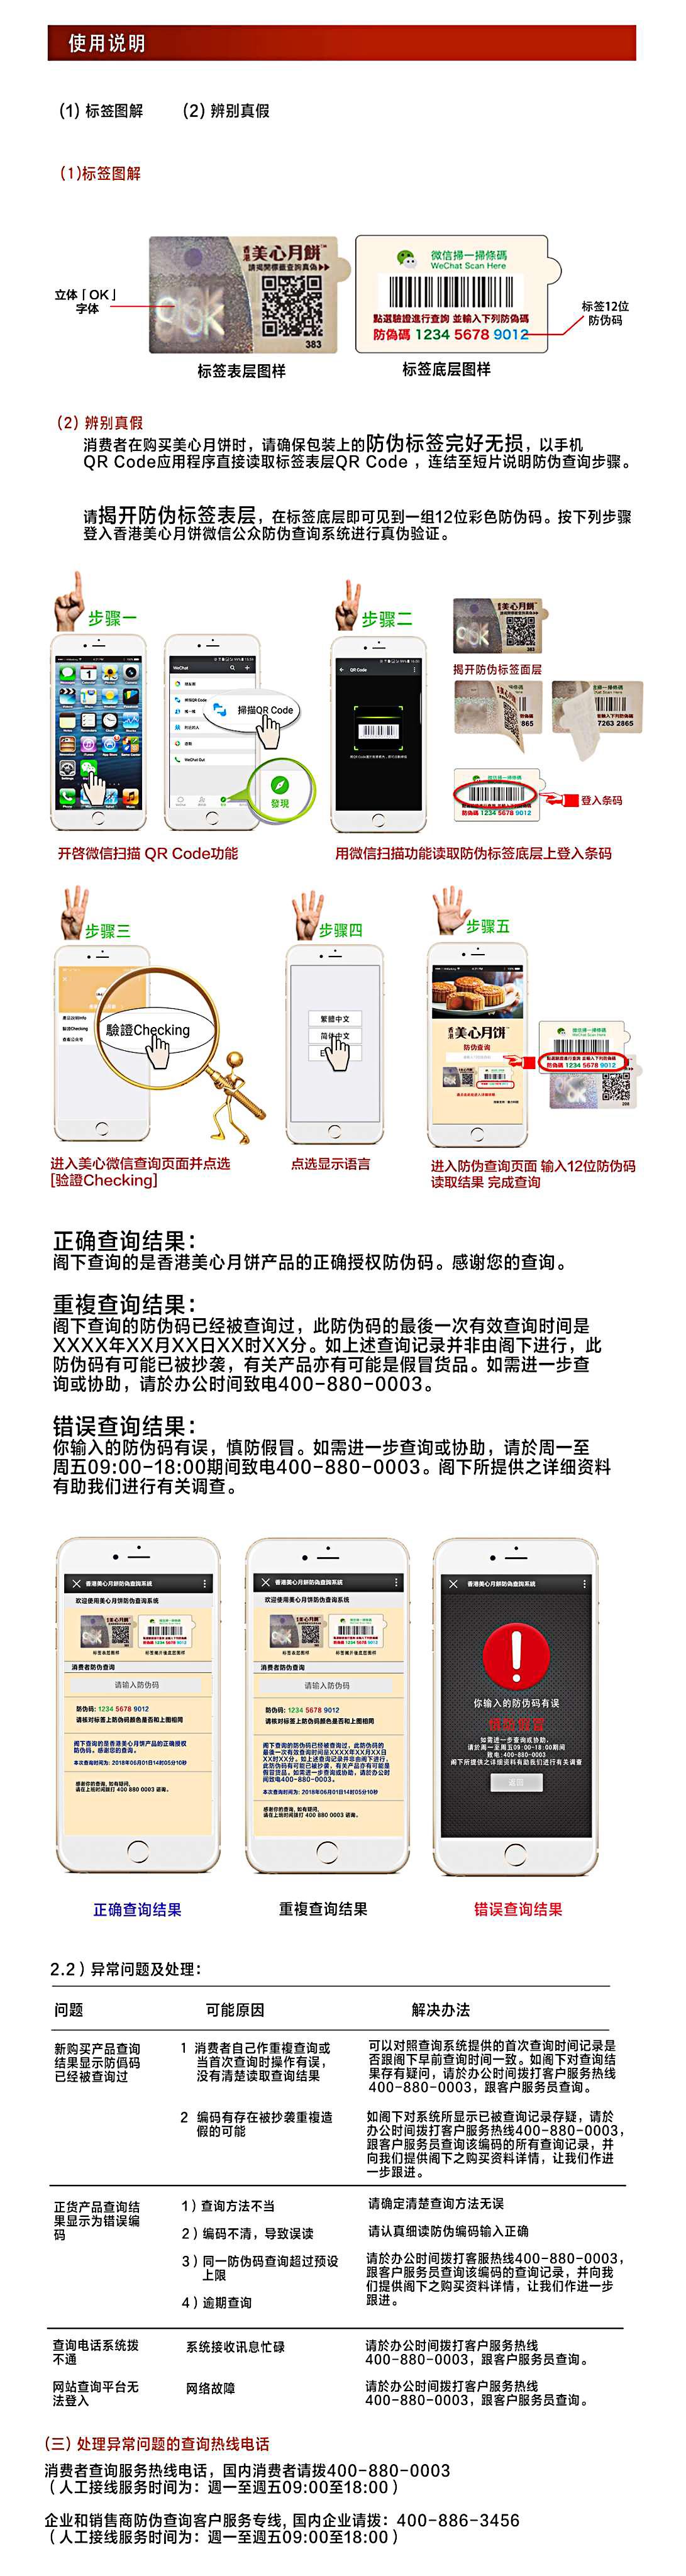 香港荣华月饼专卖店_香港美心月饼正品-香港美心月饼官网